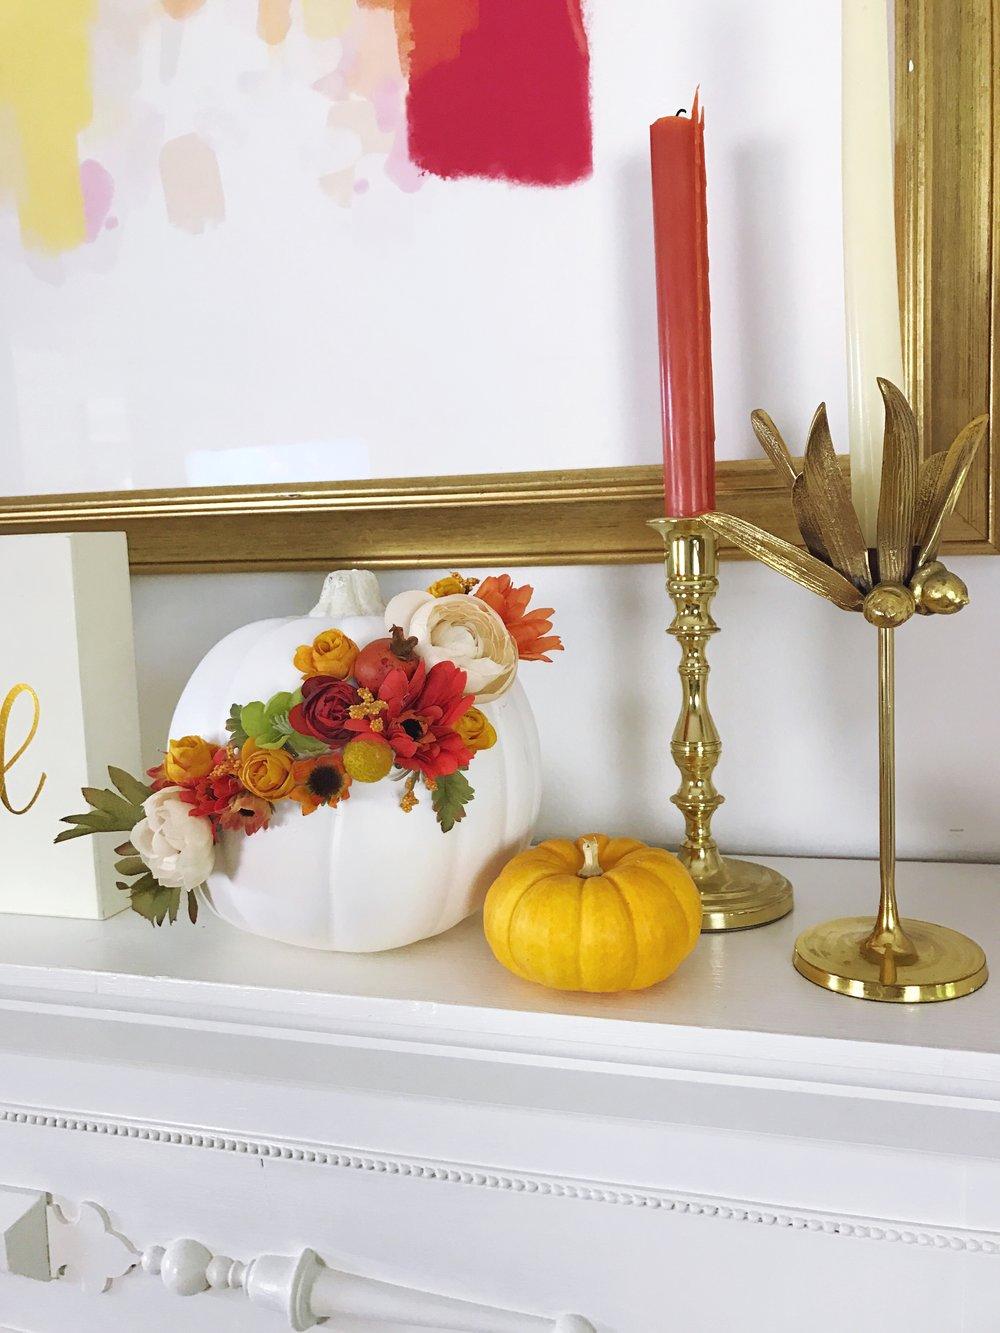 maraboudesign_DIY_FloralPumpkin_HGTV_03.JPG